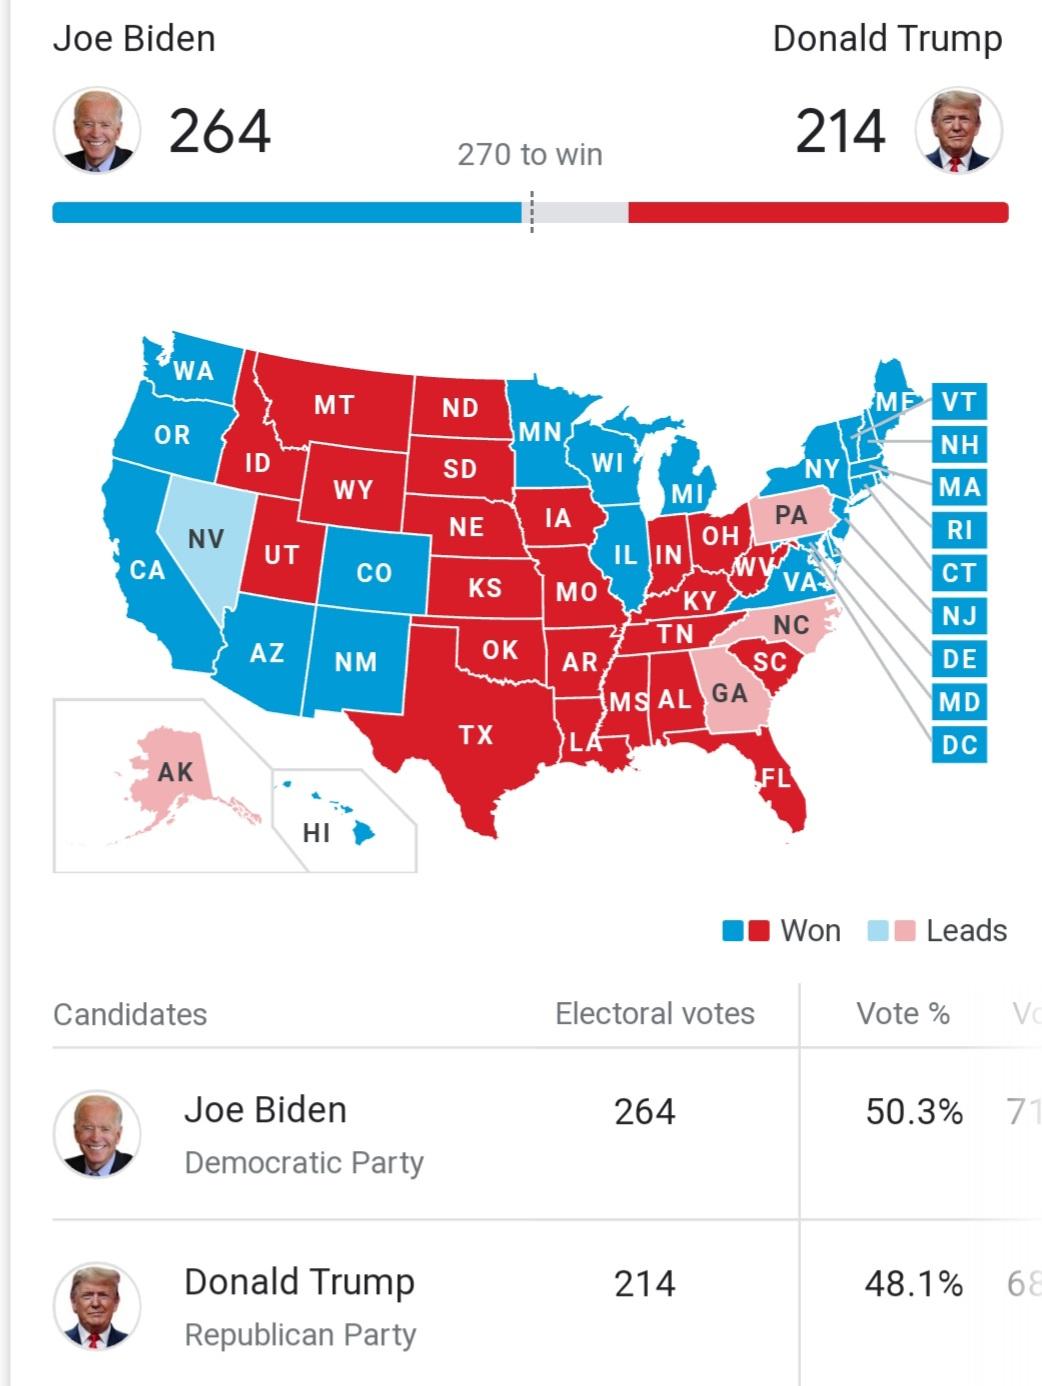 انتخابات آمریکا: جو بایدن 264 - ترامپ  214 / جو بایدن: معتقدم پیروز شدیم؛ جلو هستیم